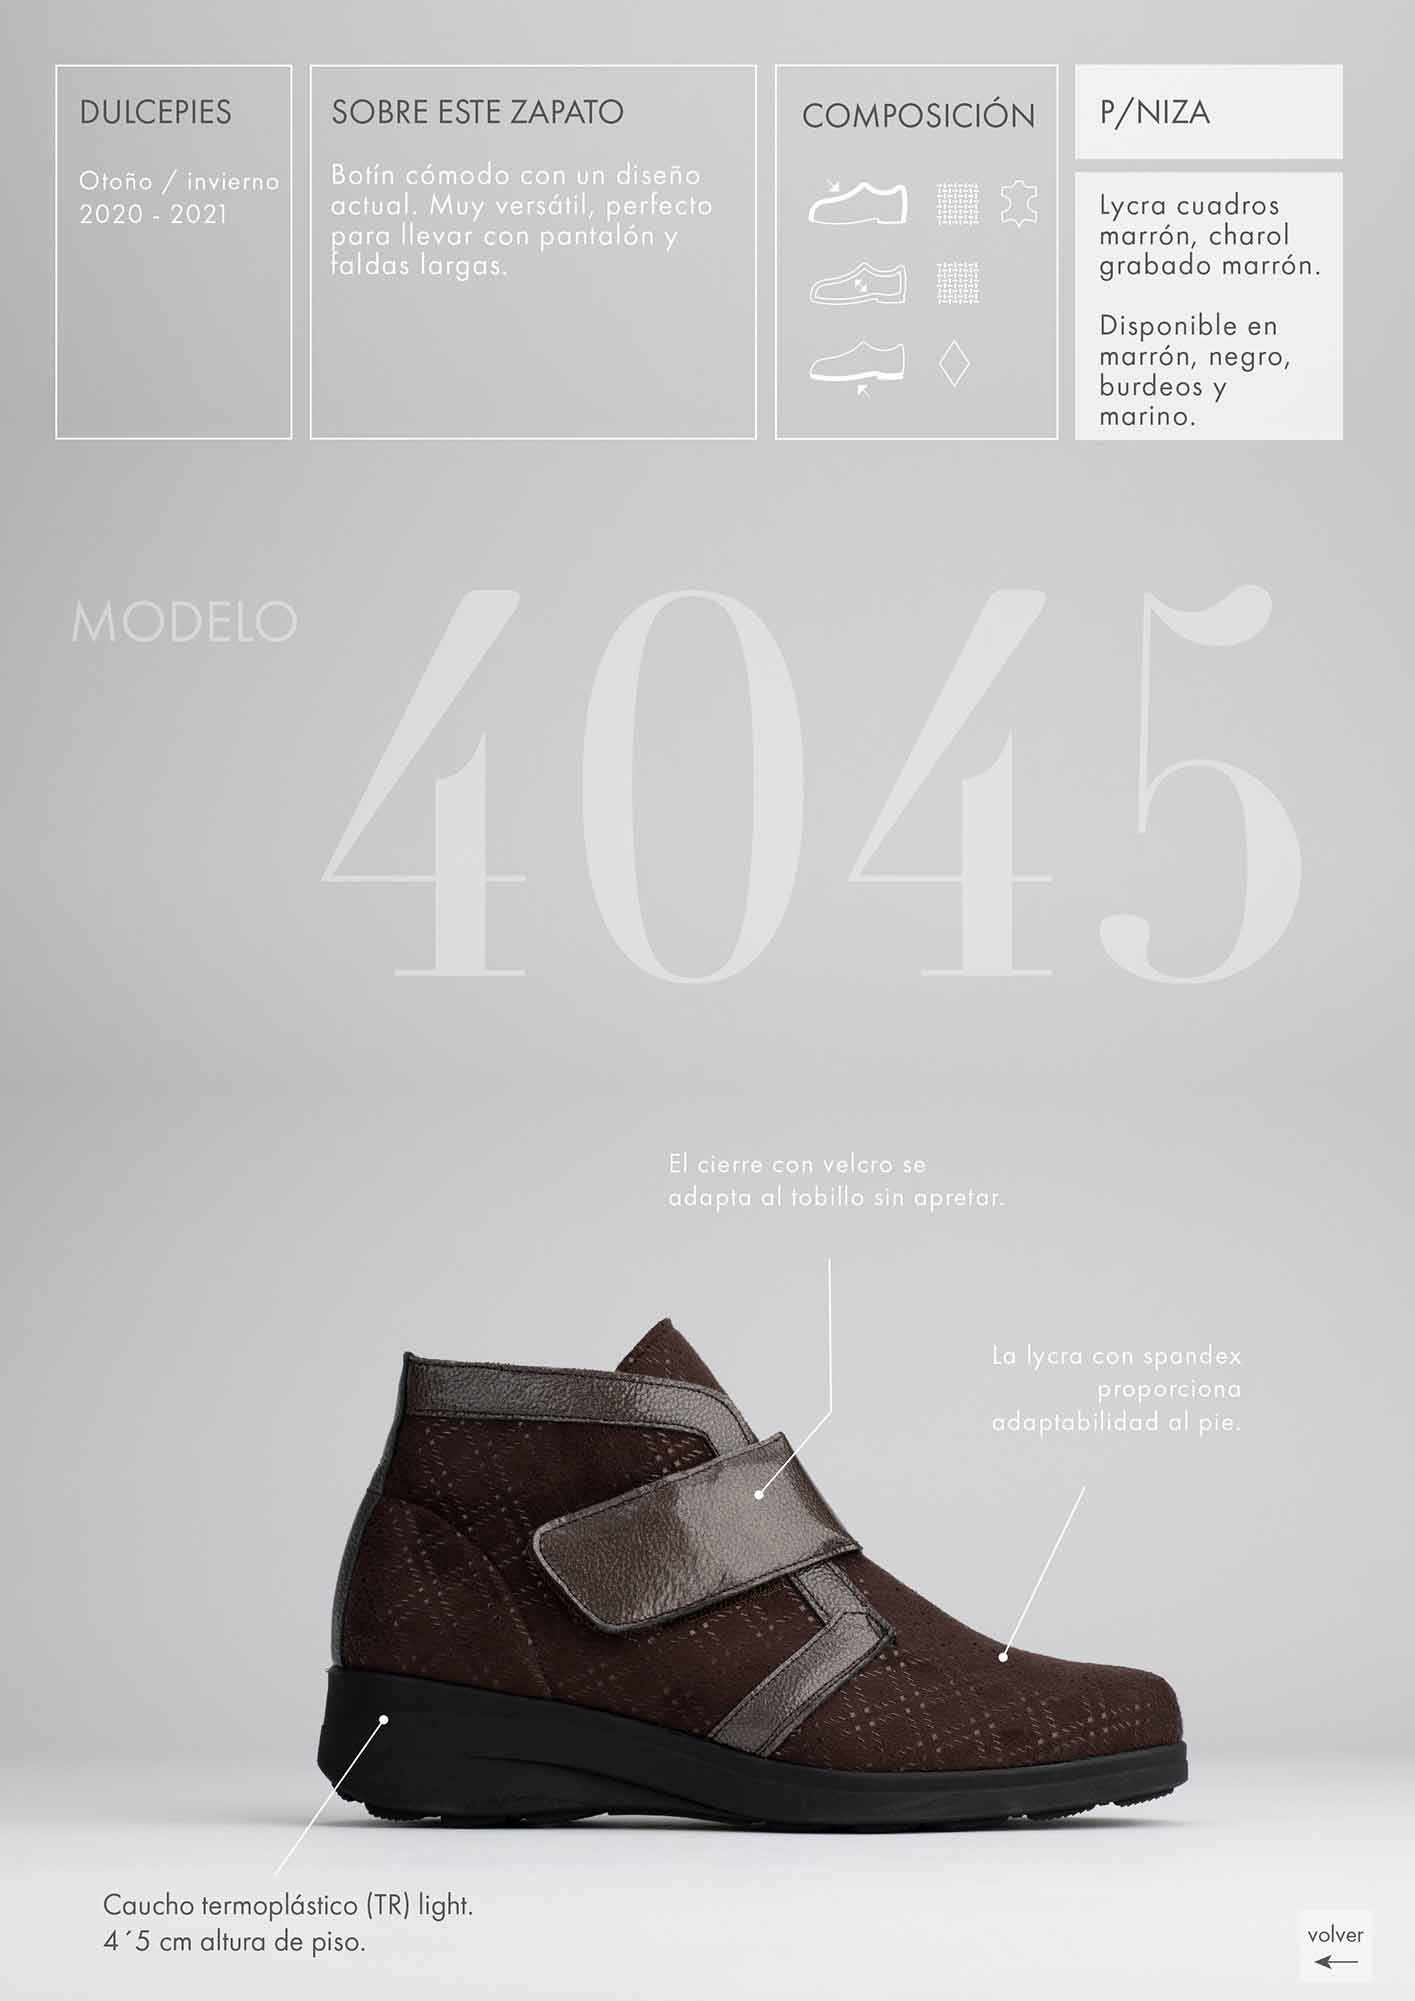 foto lateral de bota en catálogo de zapatos